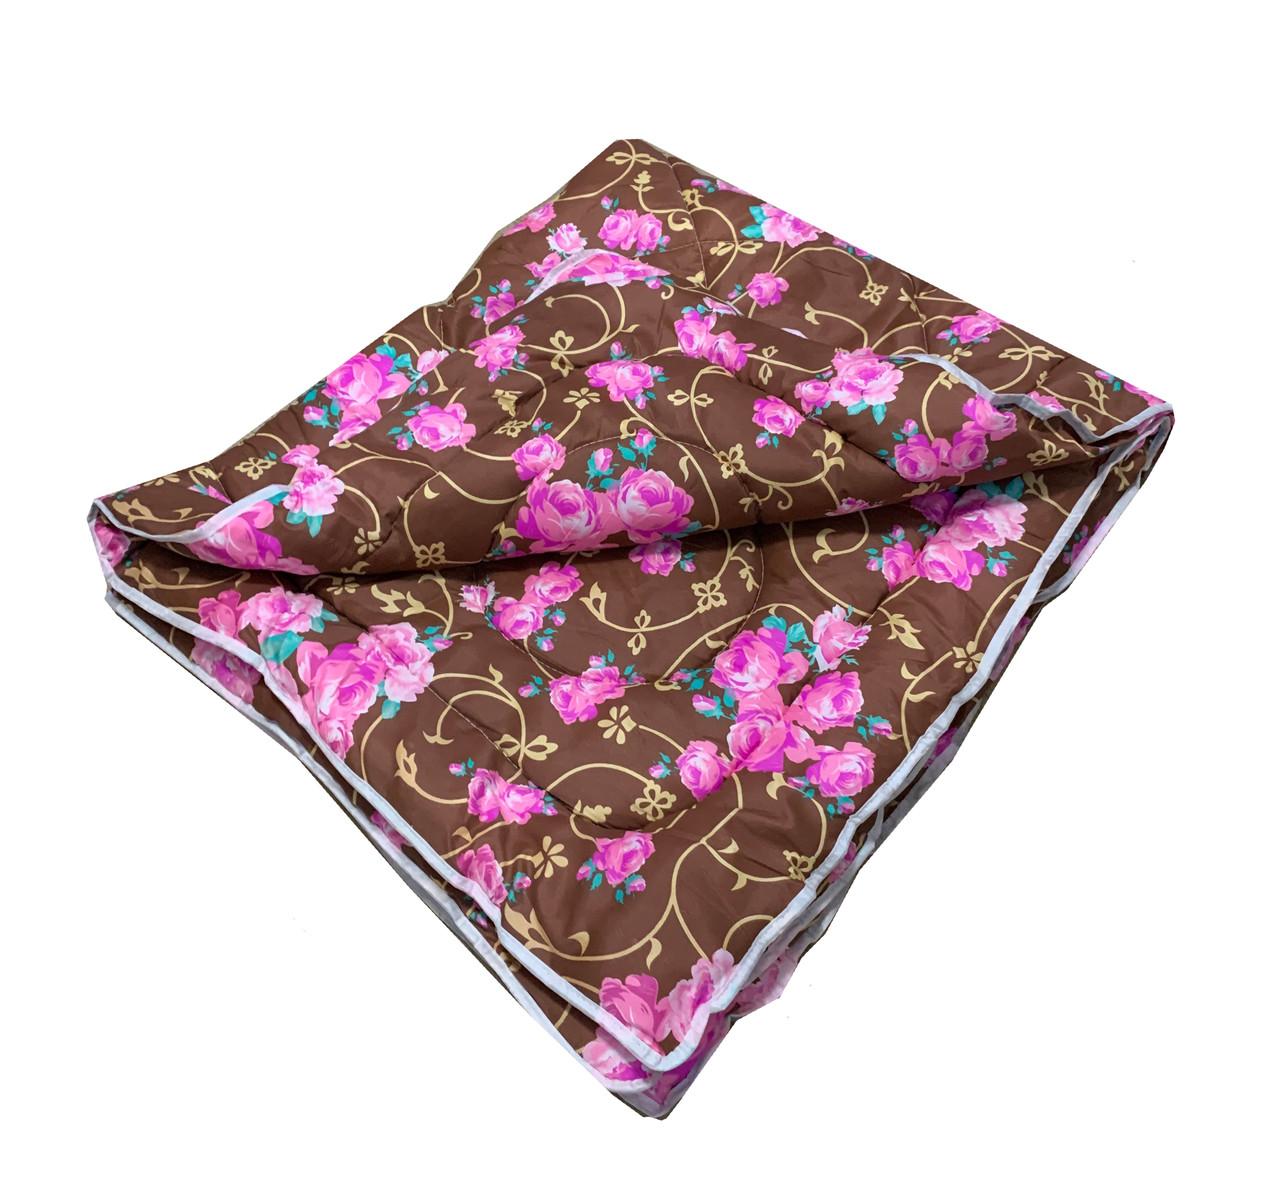 Одеяло коричневое полуторное, холлофайбер 150*220 см, Украина